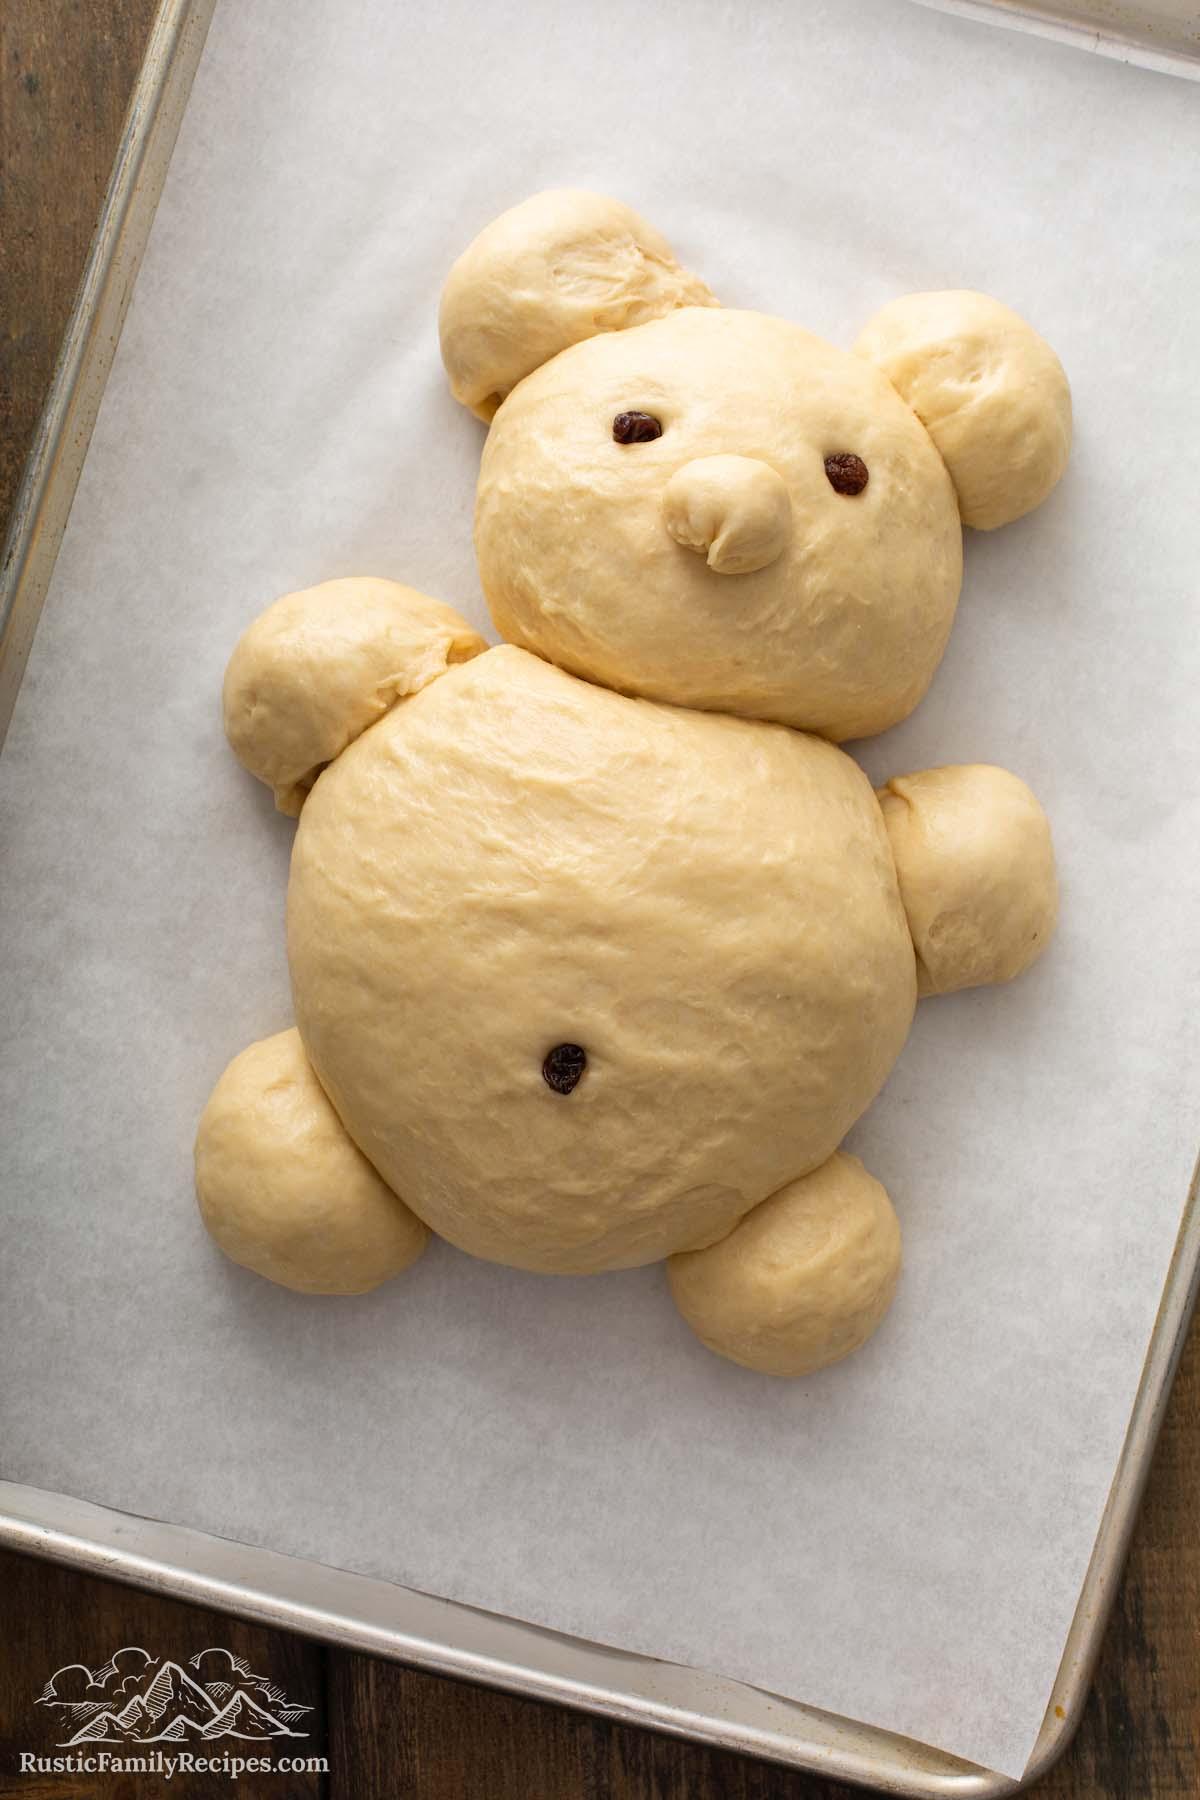 Unbaked challah dough shaped like a teddy bear